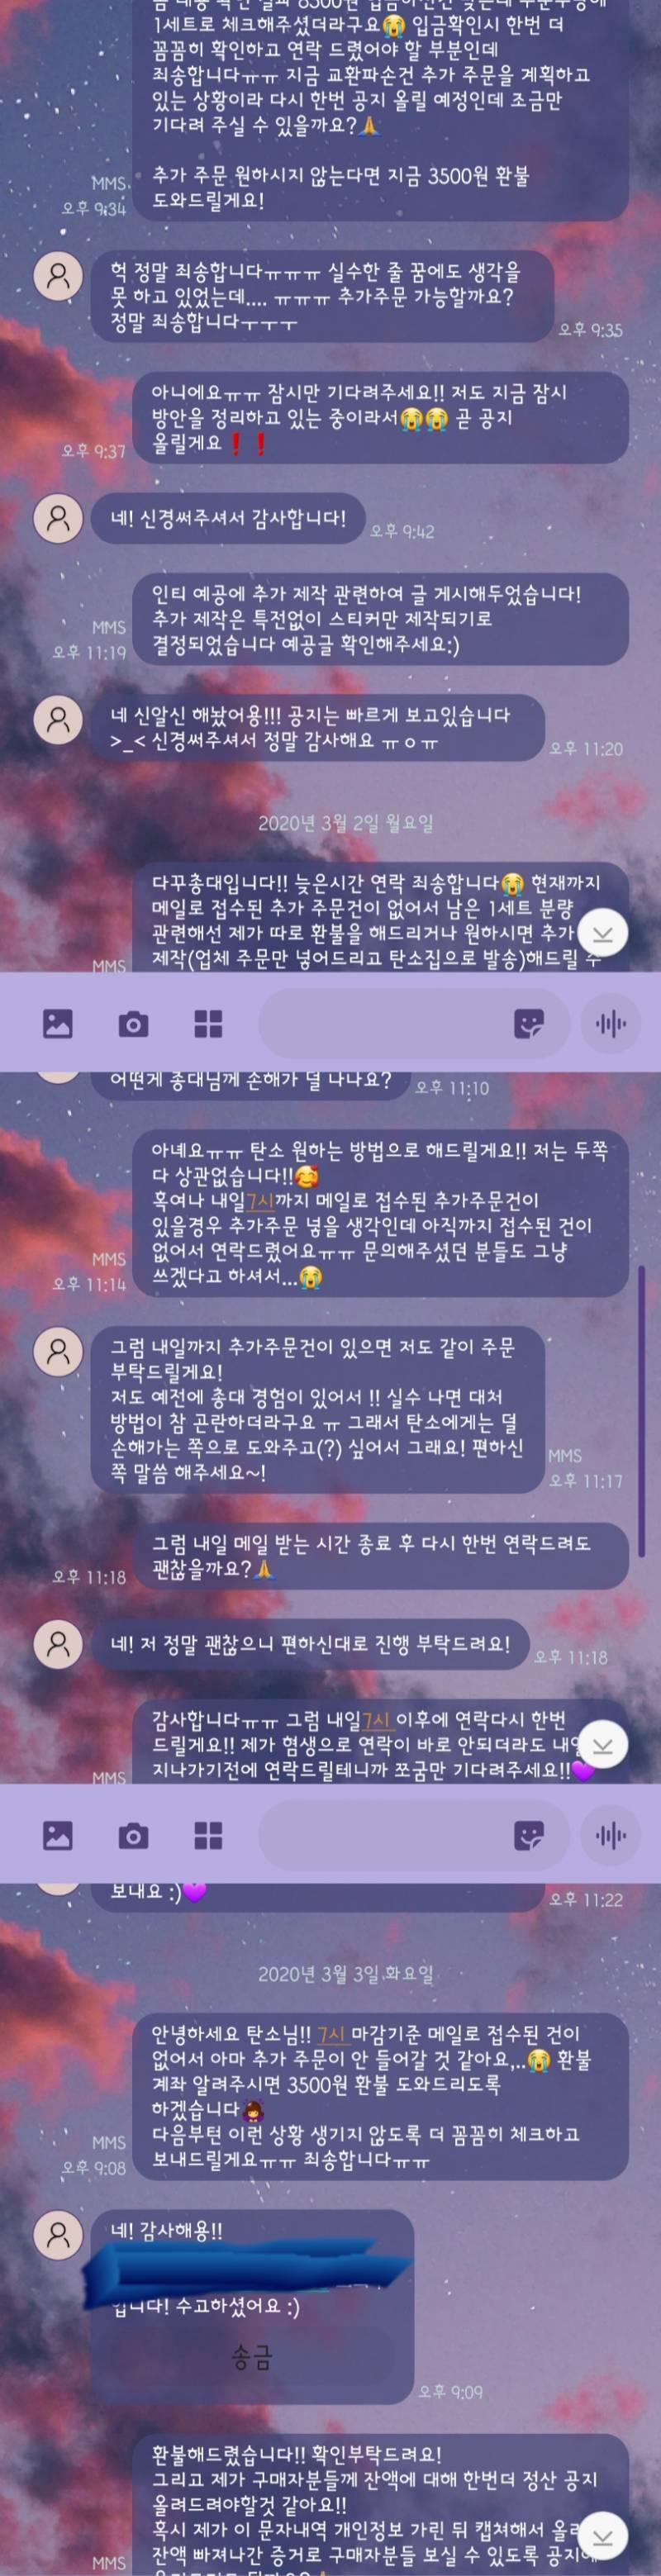 방탄소년단) 💜⏹네모네모다꾸 정산 / 후기 이벤트 당발 공지⏹💜 | 인스티즈